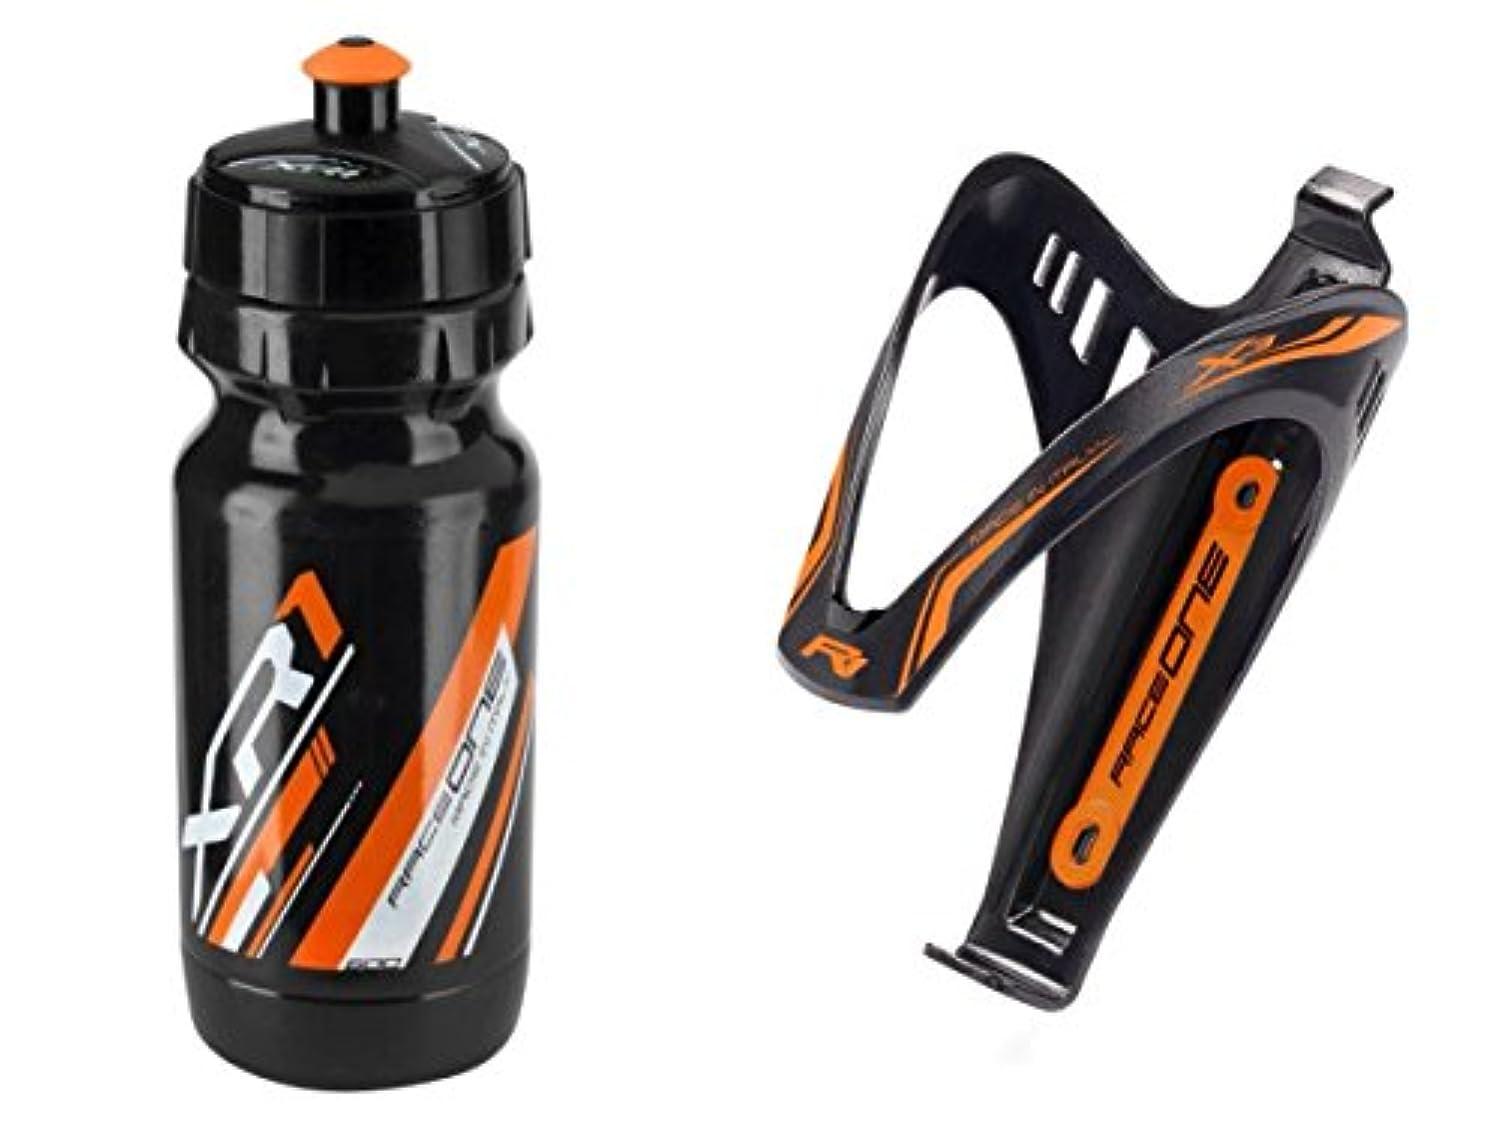 マージン官僚不愉快RaceOne.it - KIT Fluo Race - 2 PCS - バイクウォーターボトルXR1 +バイクボトルケージX3自転車ツールホルダー。レースサイクリング/MTB/グラベル/トレッキングバイク。 600 CC。カラー:オレンジFluo 100%MADE IN ITALY